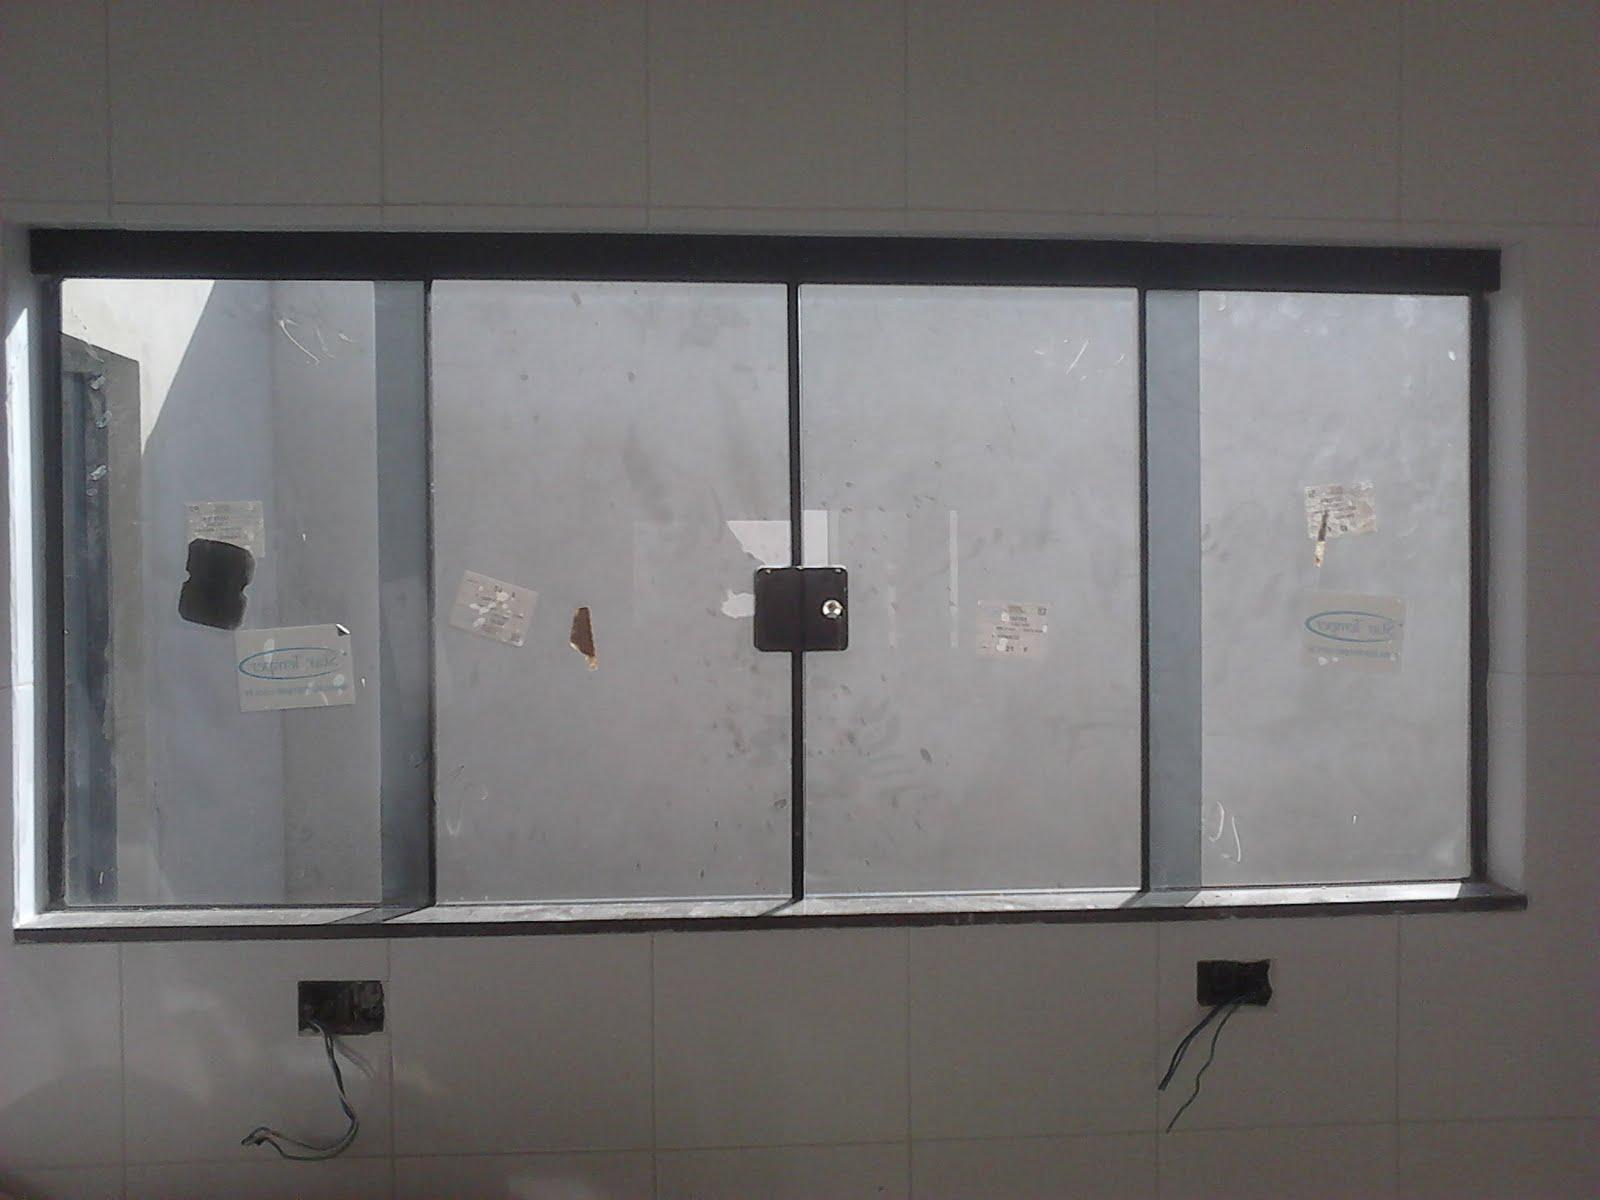 #59524E FRANCO VIDROS TEMPERADOS: Obra em Ourinhos 132 Janelas De Vidro Fume